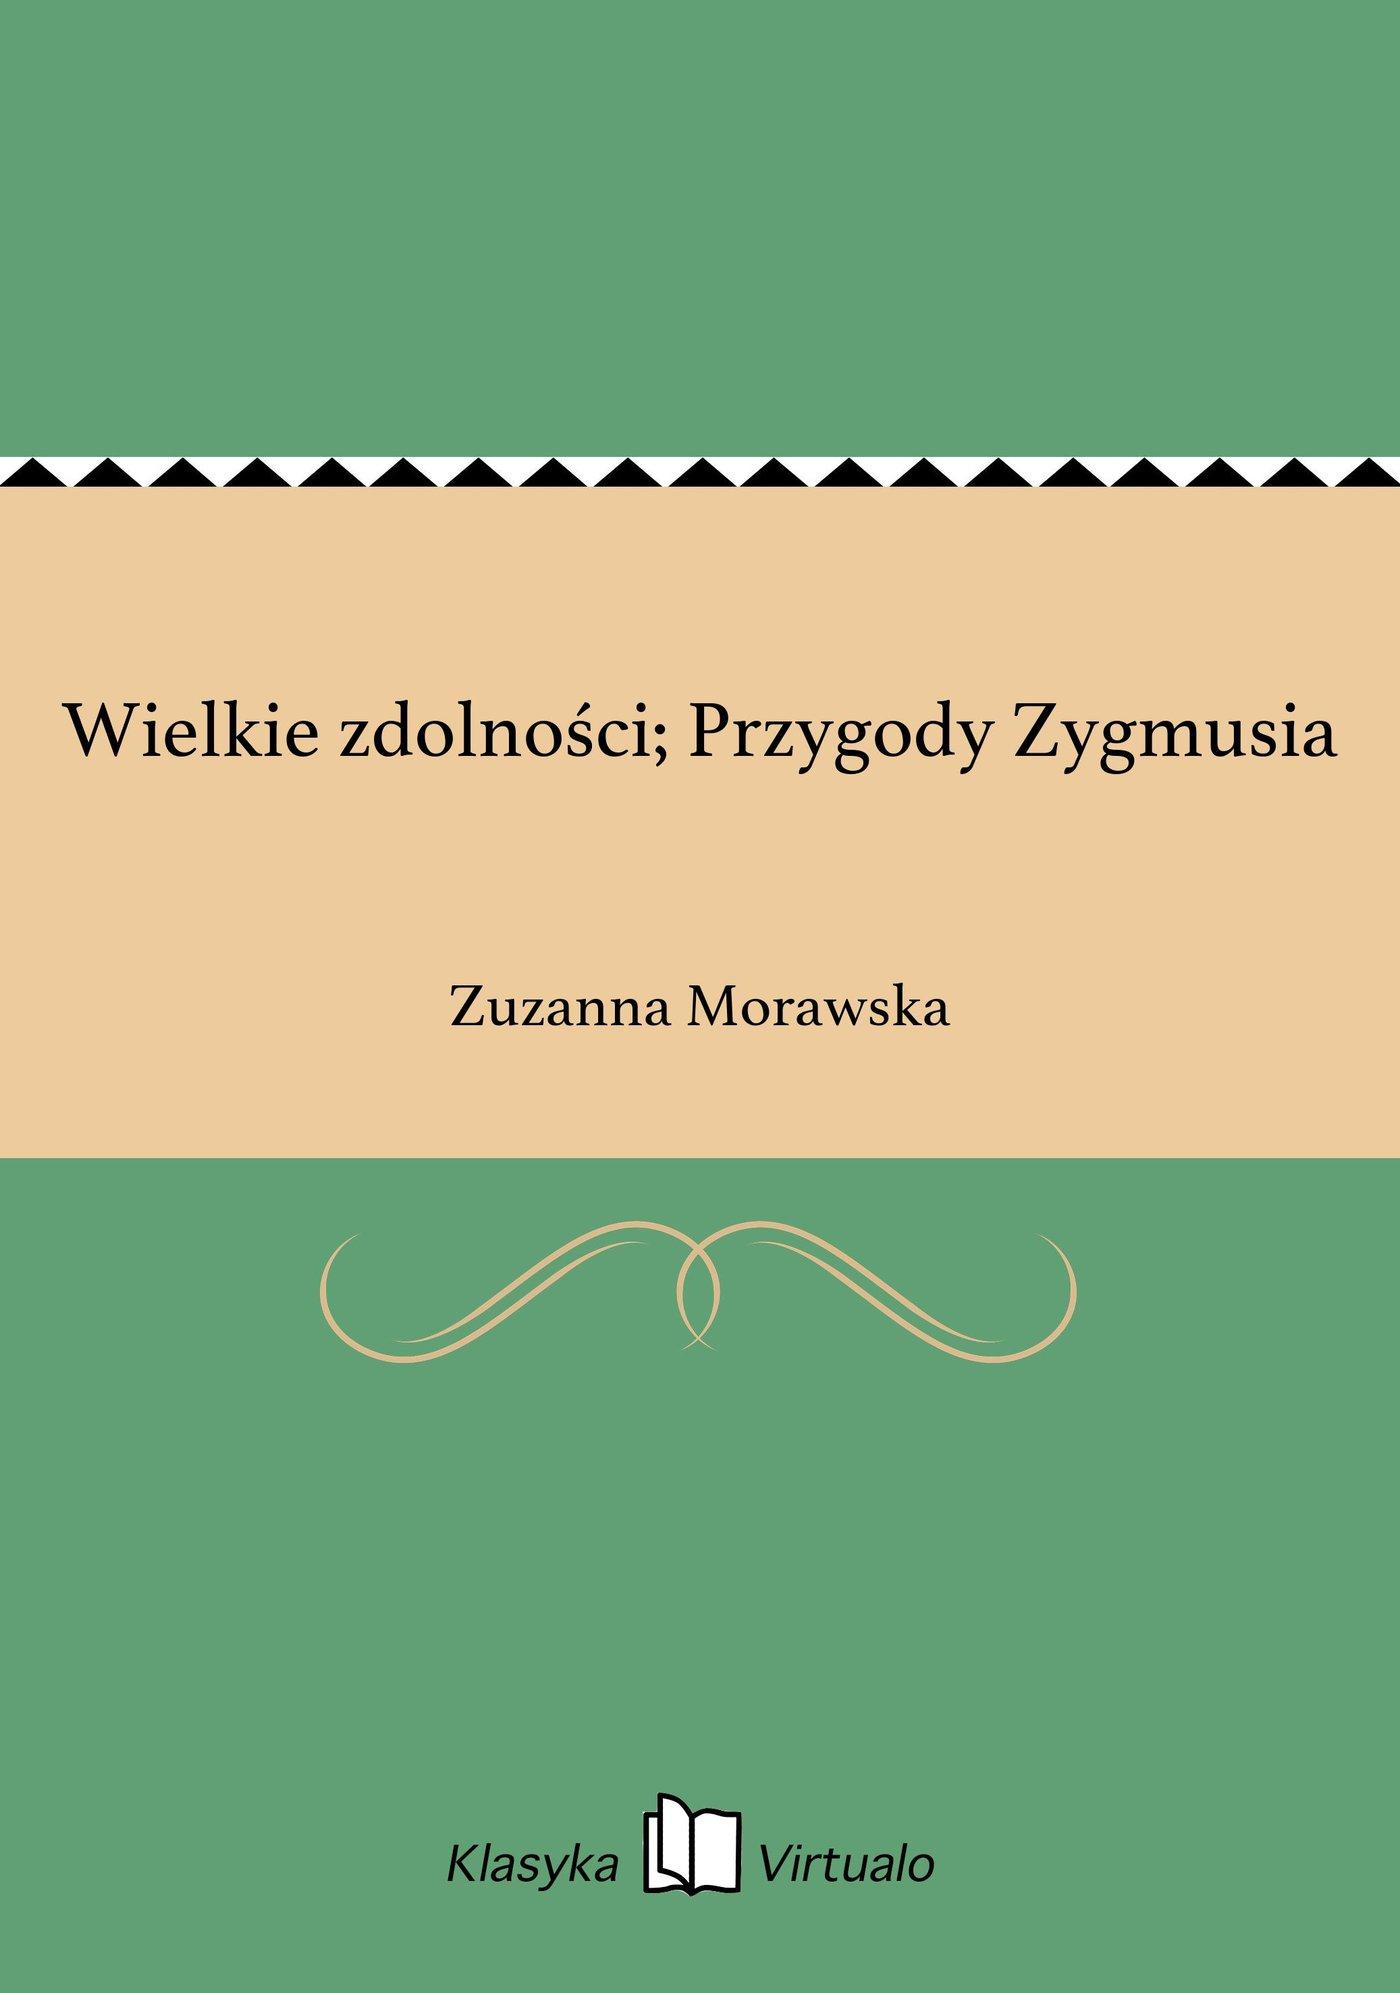 Wielkie zdolności; Przygody Zygmusia - Ebook (Książka EPUB) do pobrania w formacie EPUB